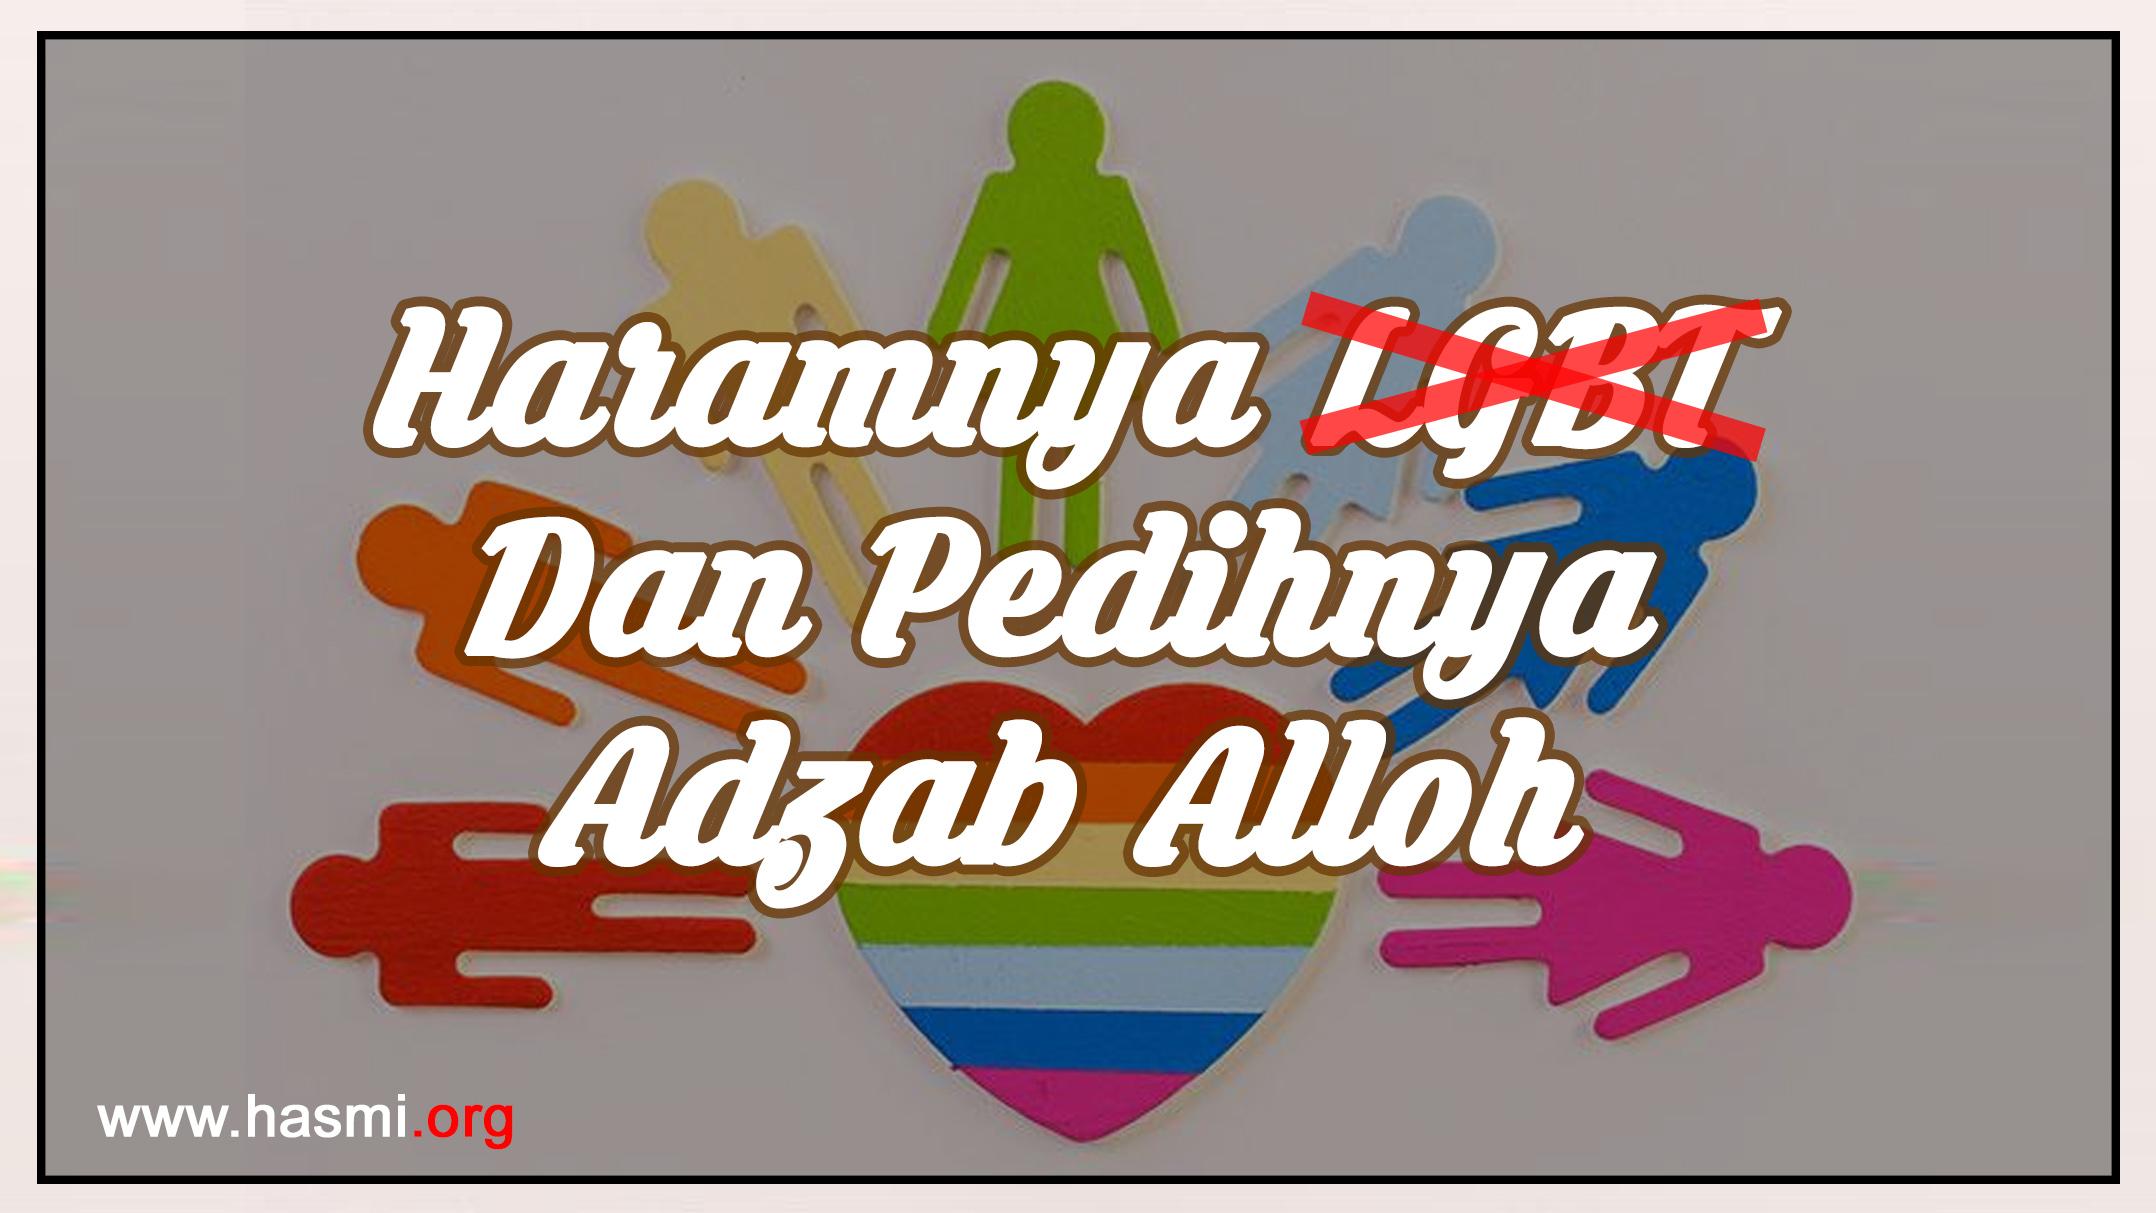 Haramnya LGBT Dan Pedihnya Adzab Alloh